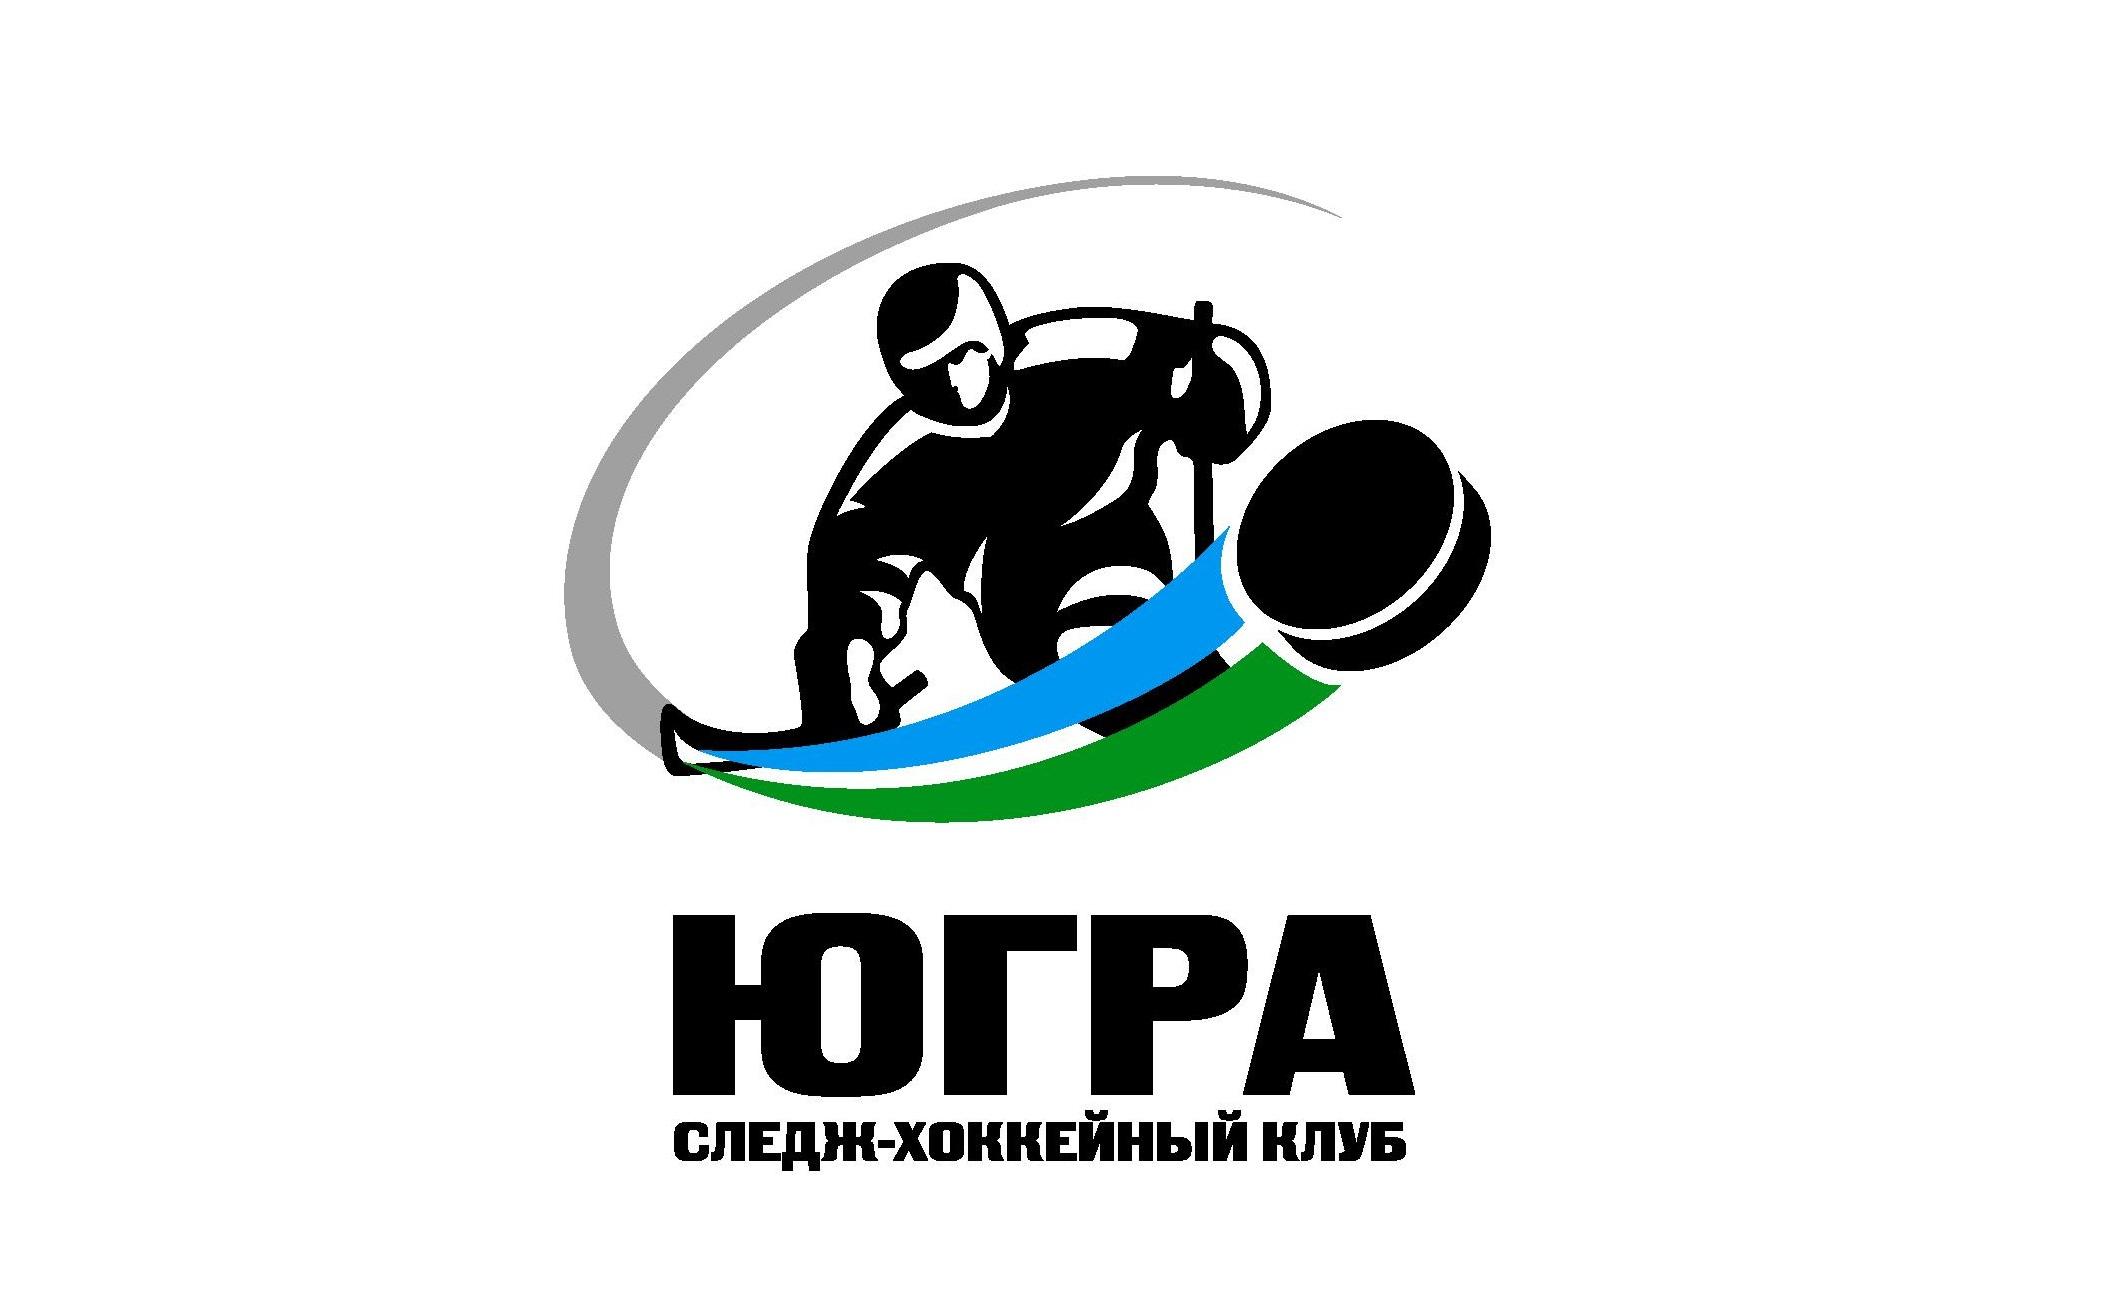 Логотип следж-хоккейного клуба Югра